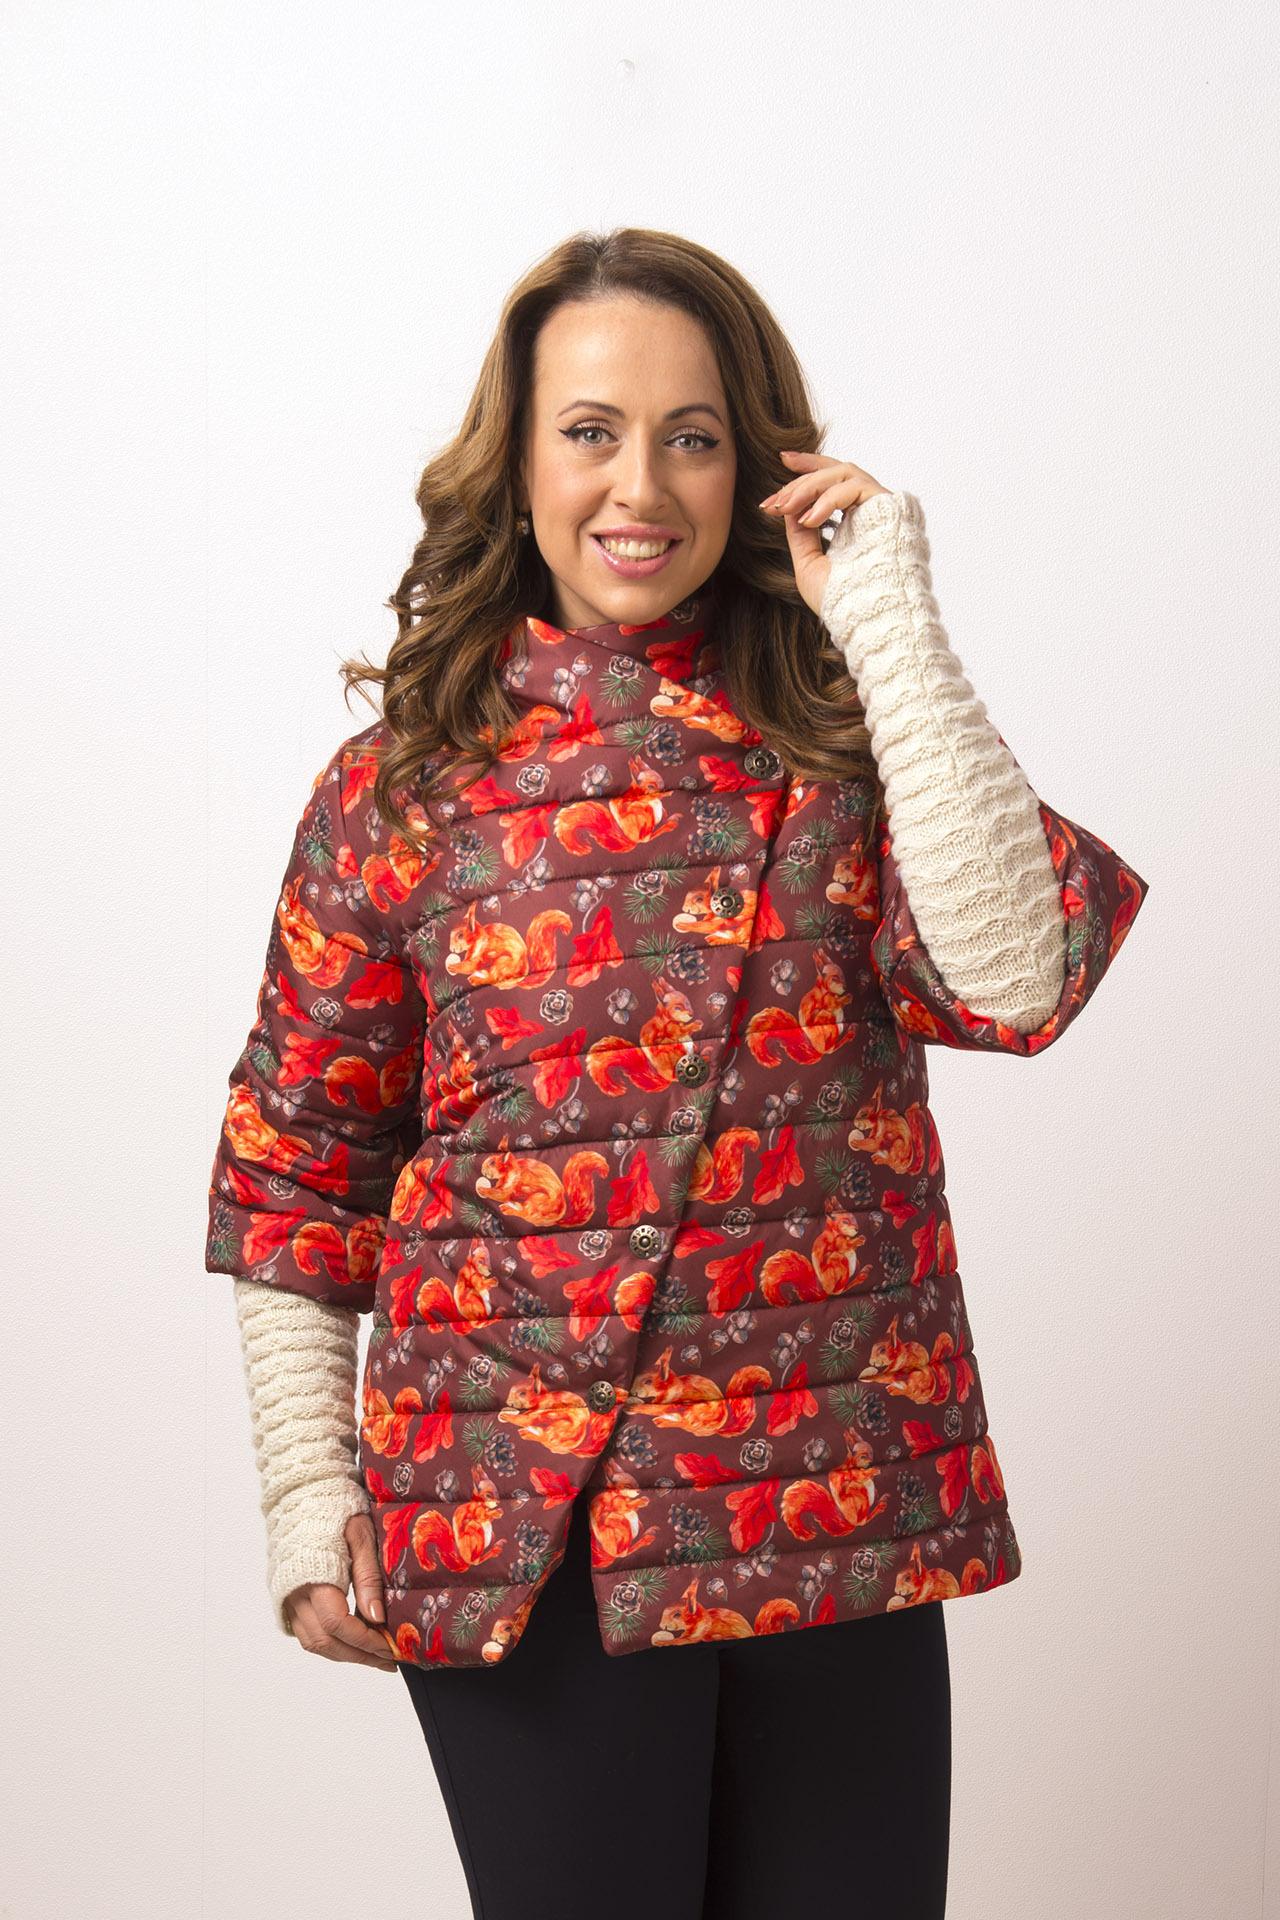 Купить зимнюю женскую одежду в москве